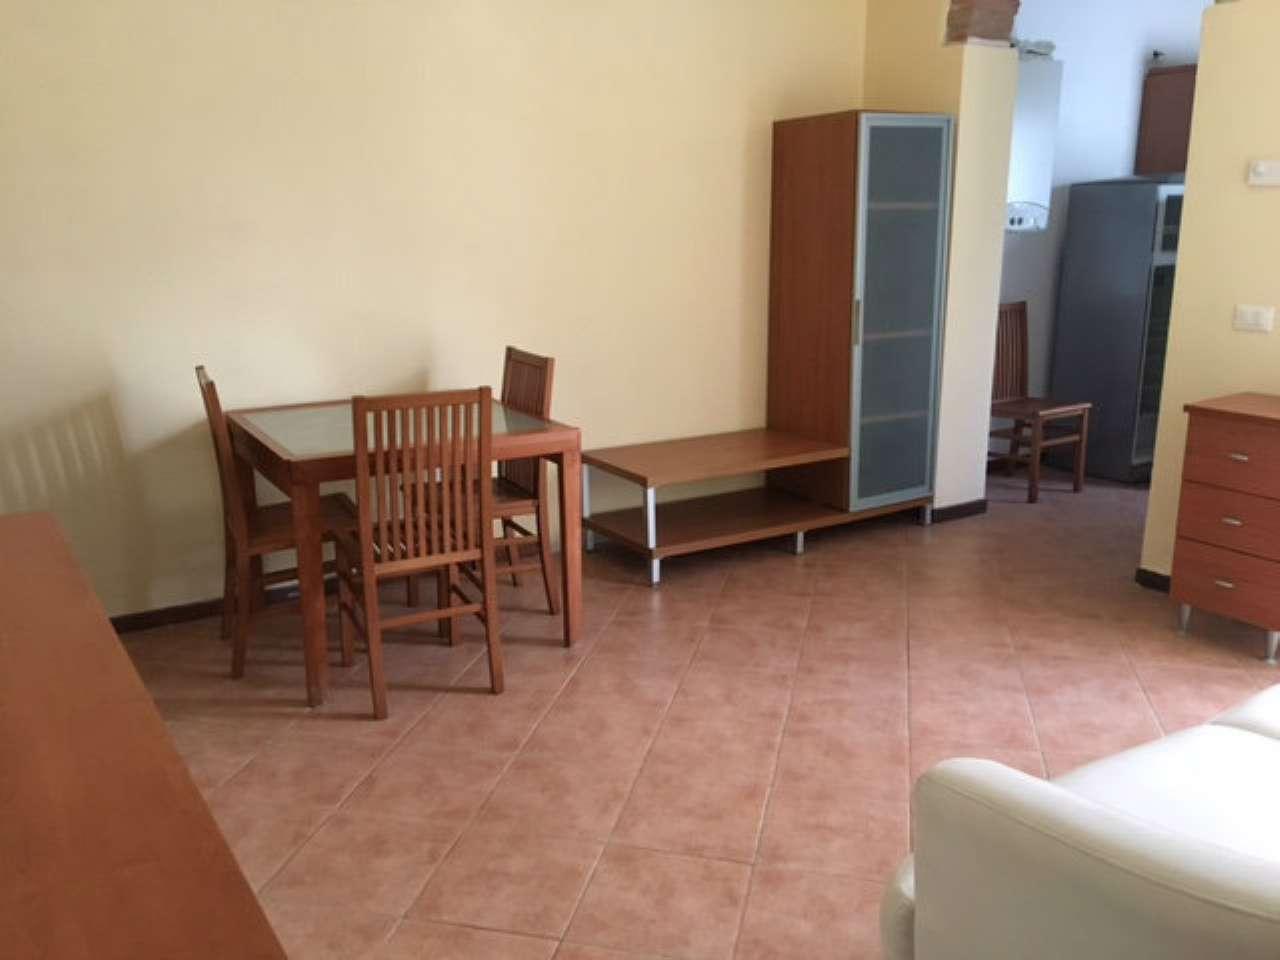 Appartamento in affitto a Casalmaggiore, 2 locali, prezzo € 350 | Cambio Casa.it